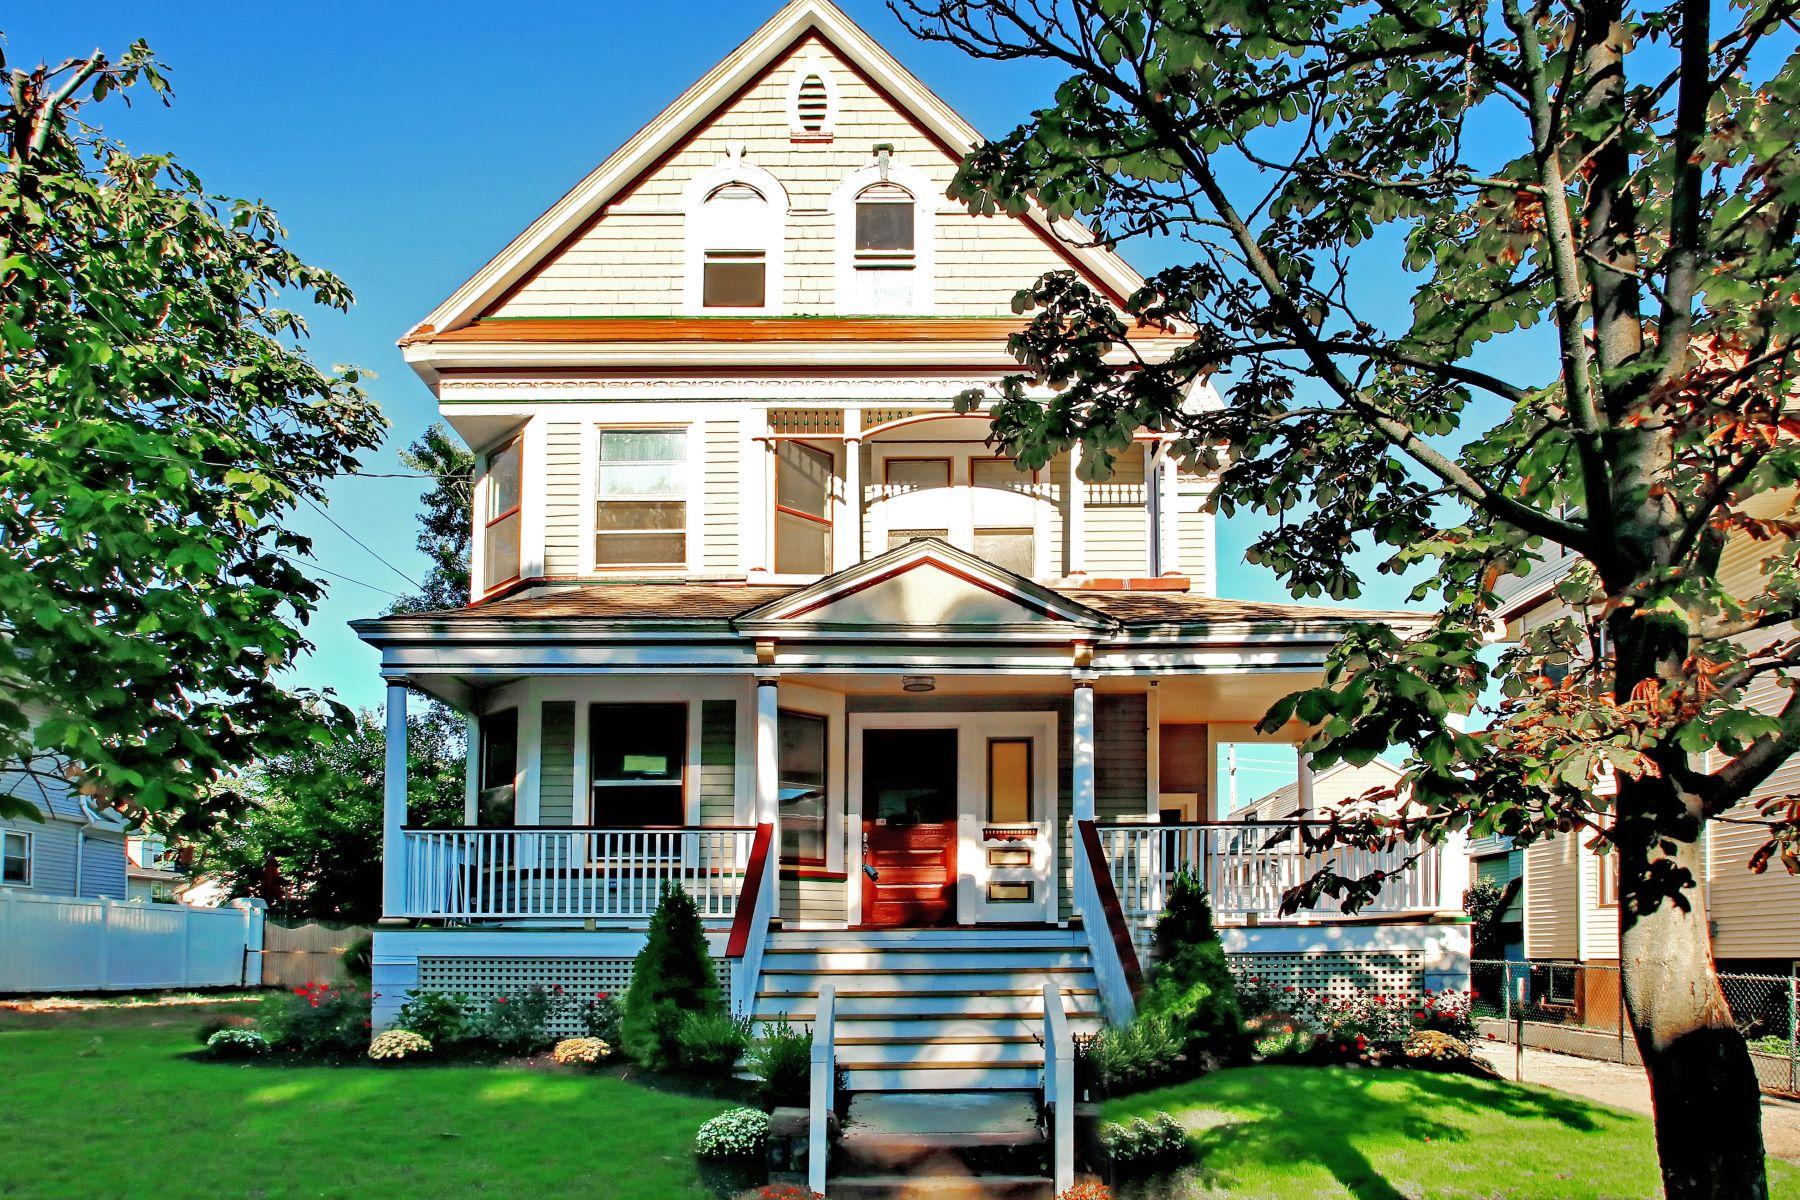 Casa Unifamiliar por un Venta en Historic Victorian in the Heart of Forest Hills 614-618 Highland Ave Newark, Nueva Jersey 07104 Estados Unidos